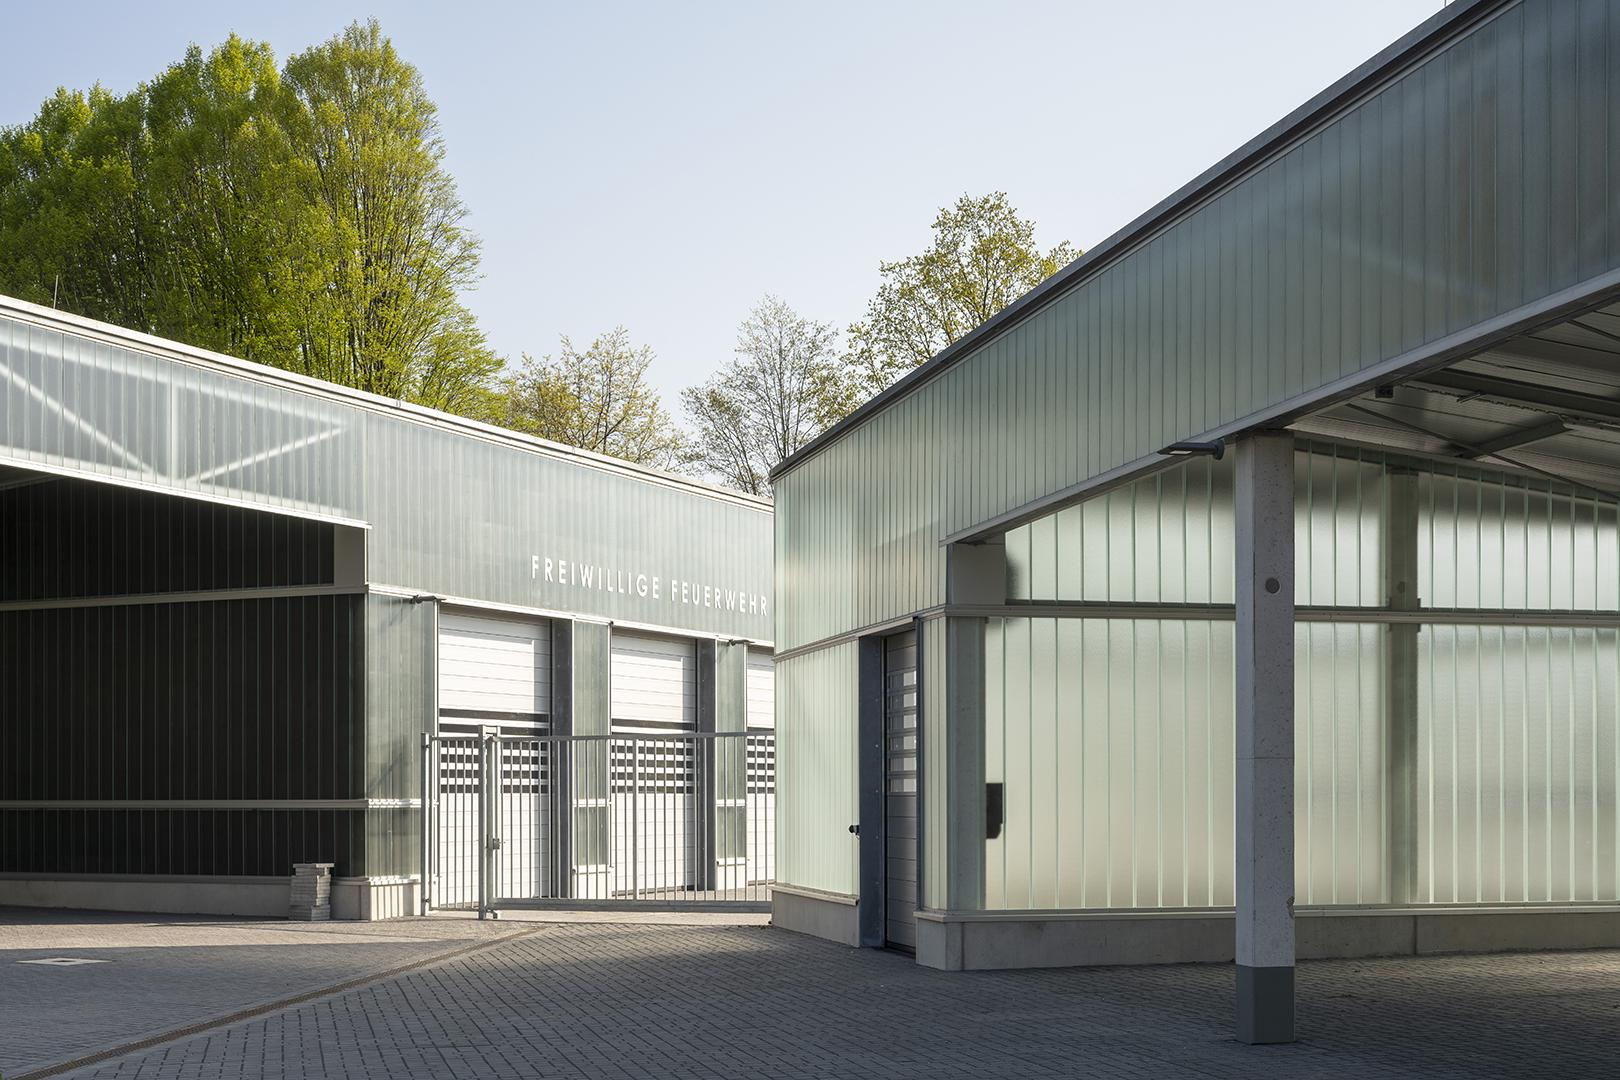 Banner Betriebshof und freiwillige Feuerwehr der Stadt Bochum